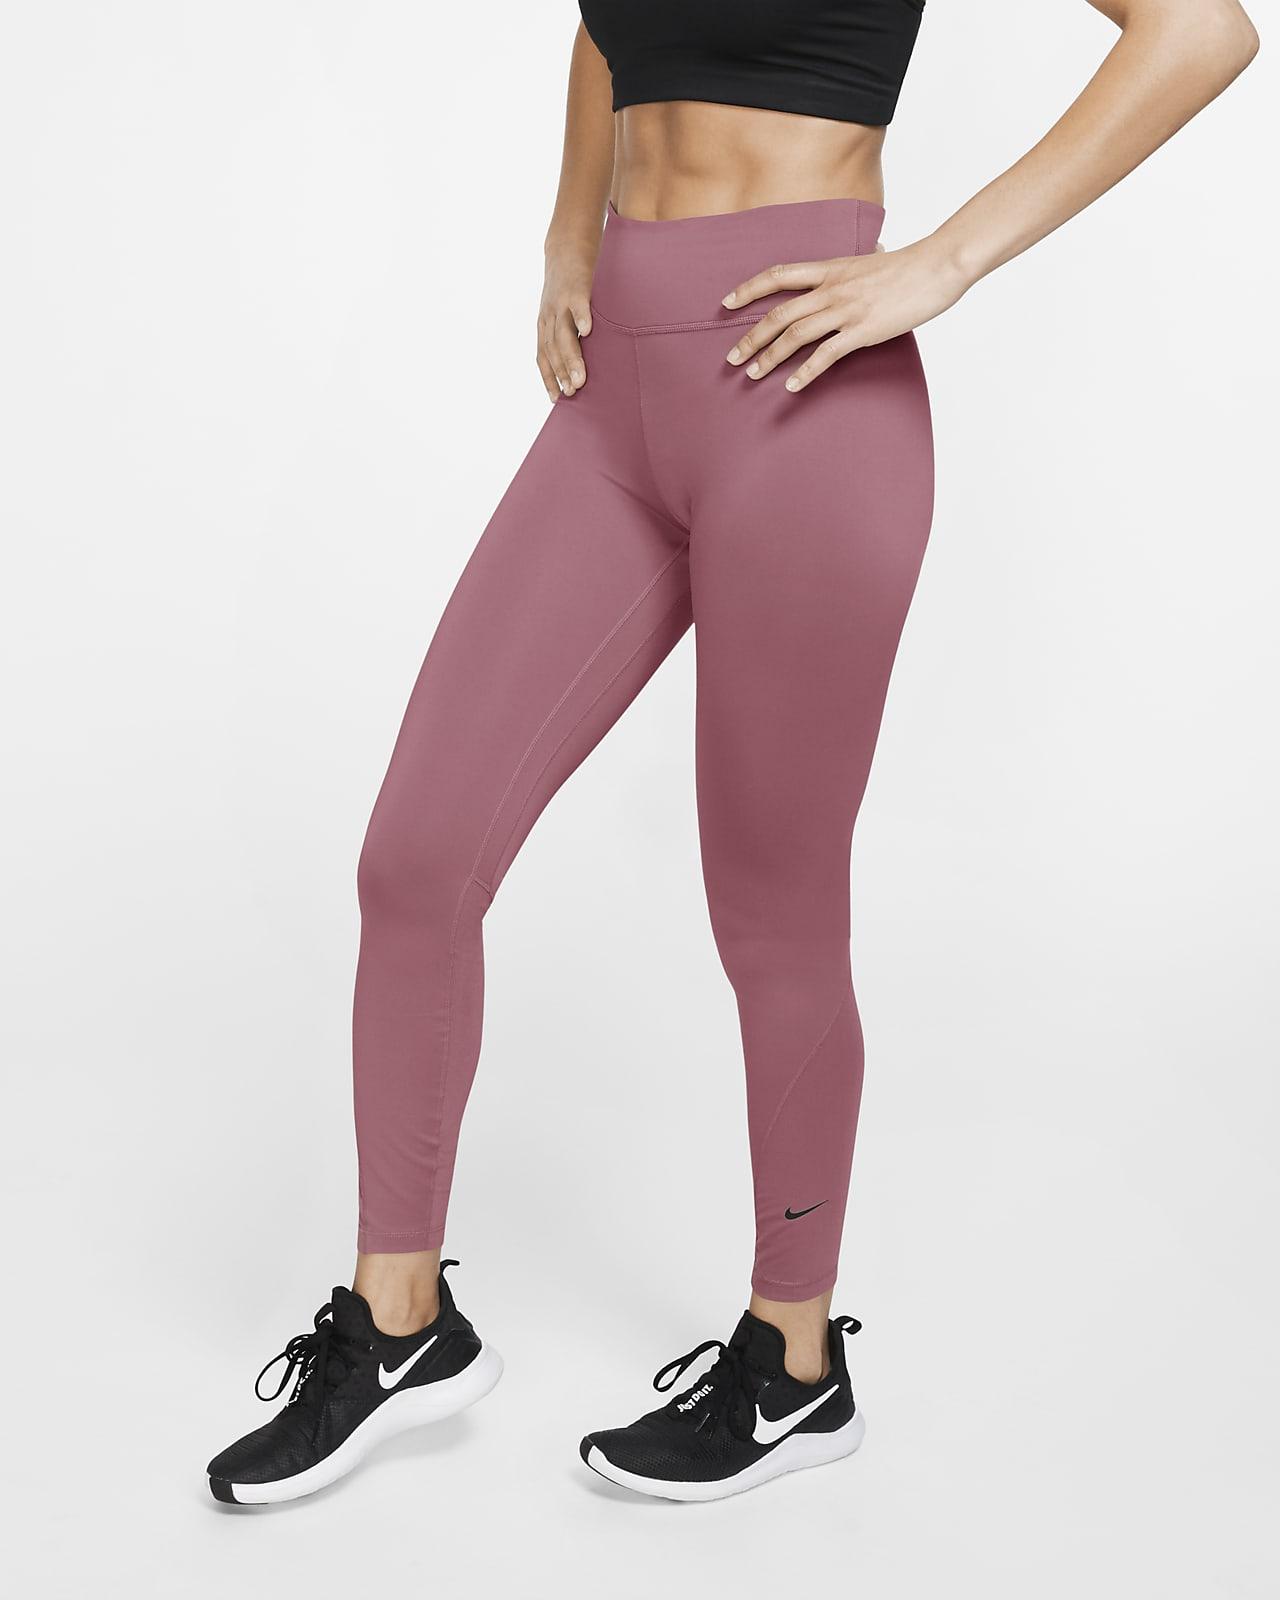 Nike One 7/8-tights med mellemhøj talje til kvinder